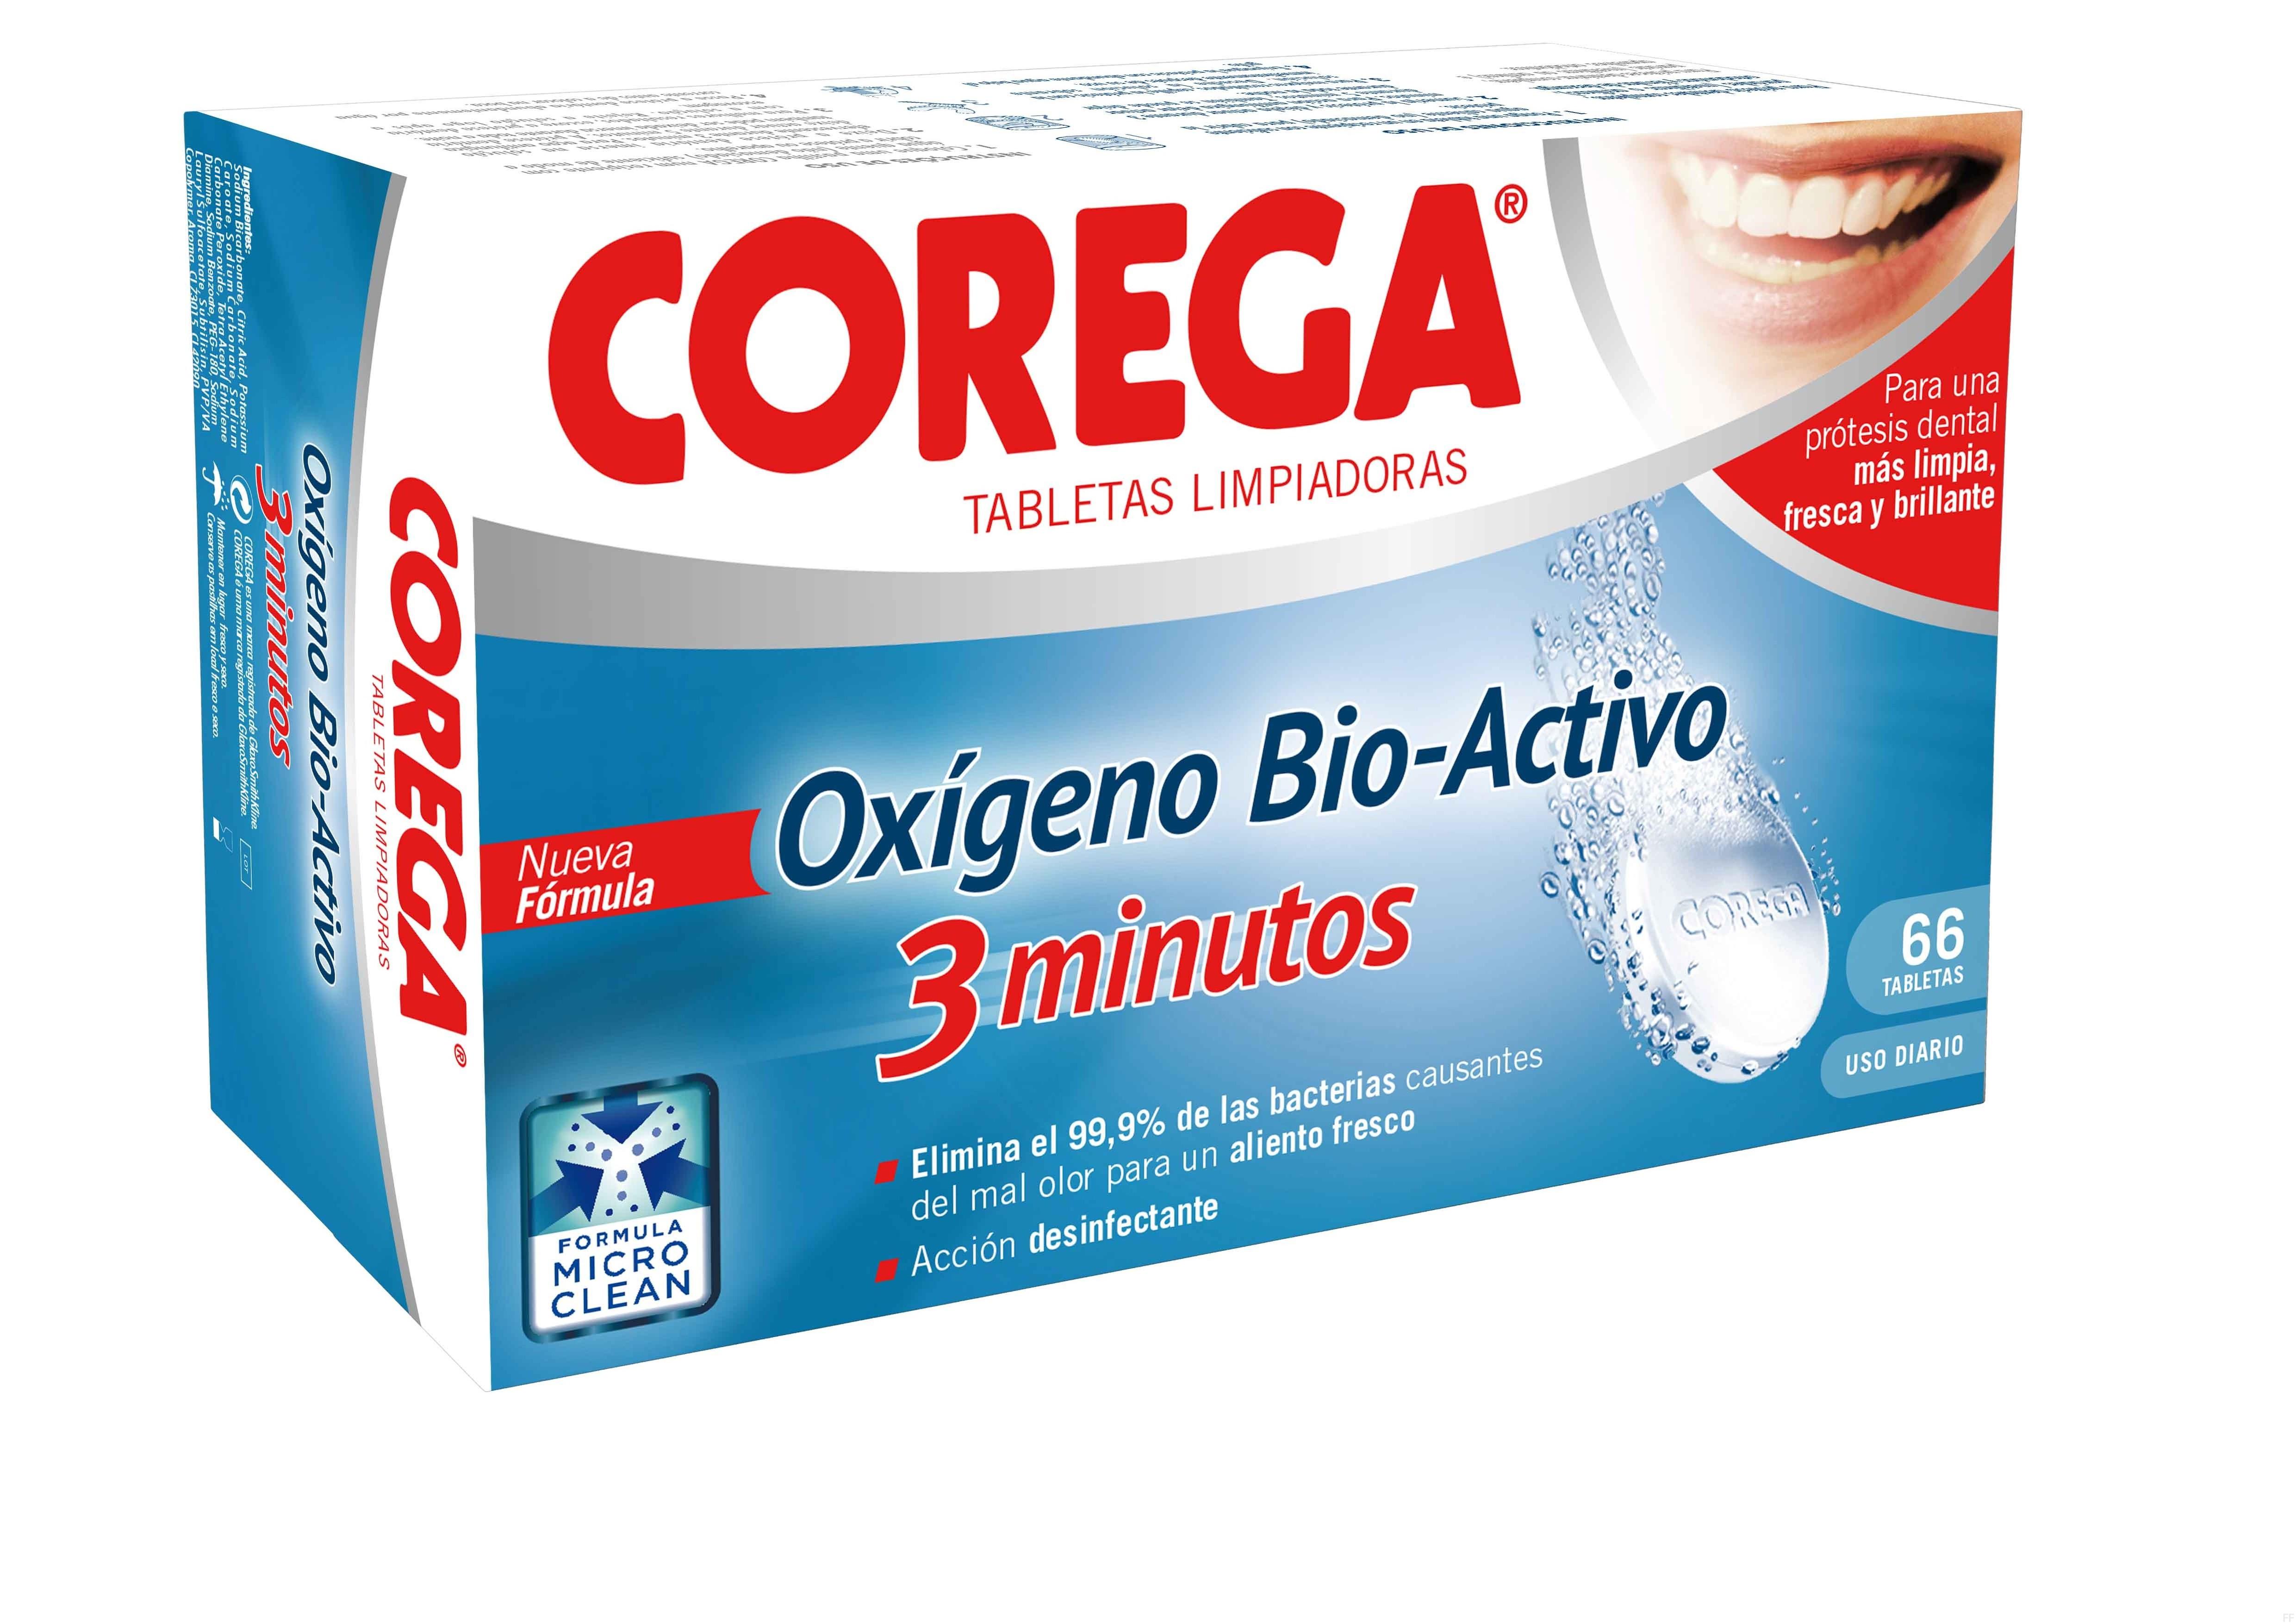 Corega Oxigeno-Bio activo 66 Tabletas